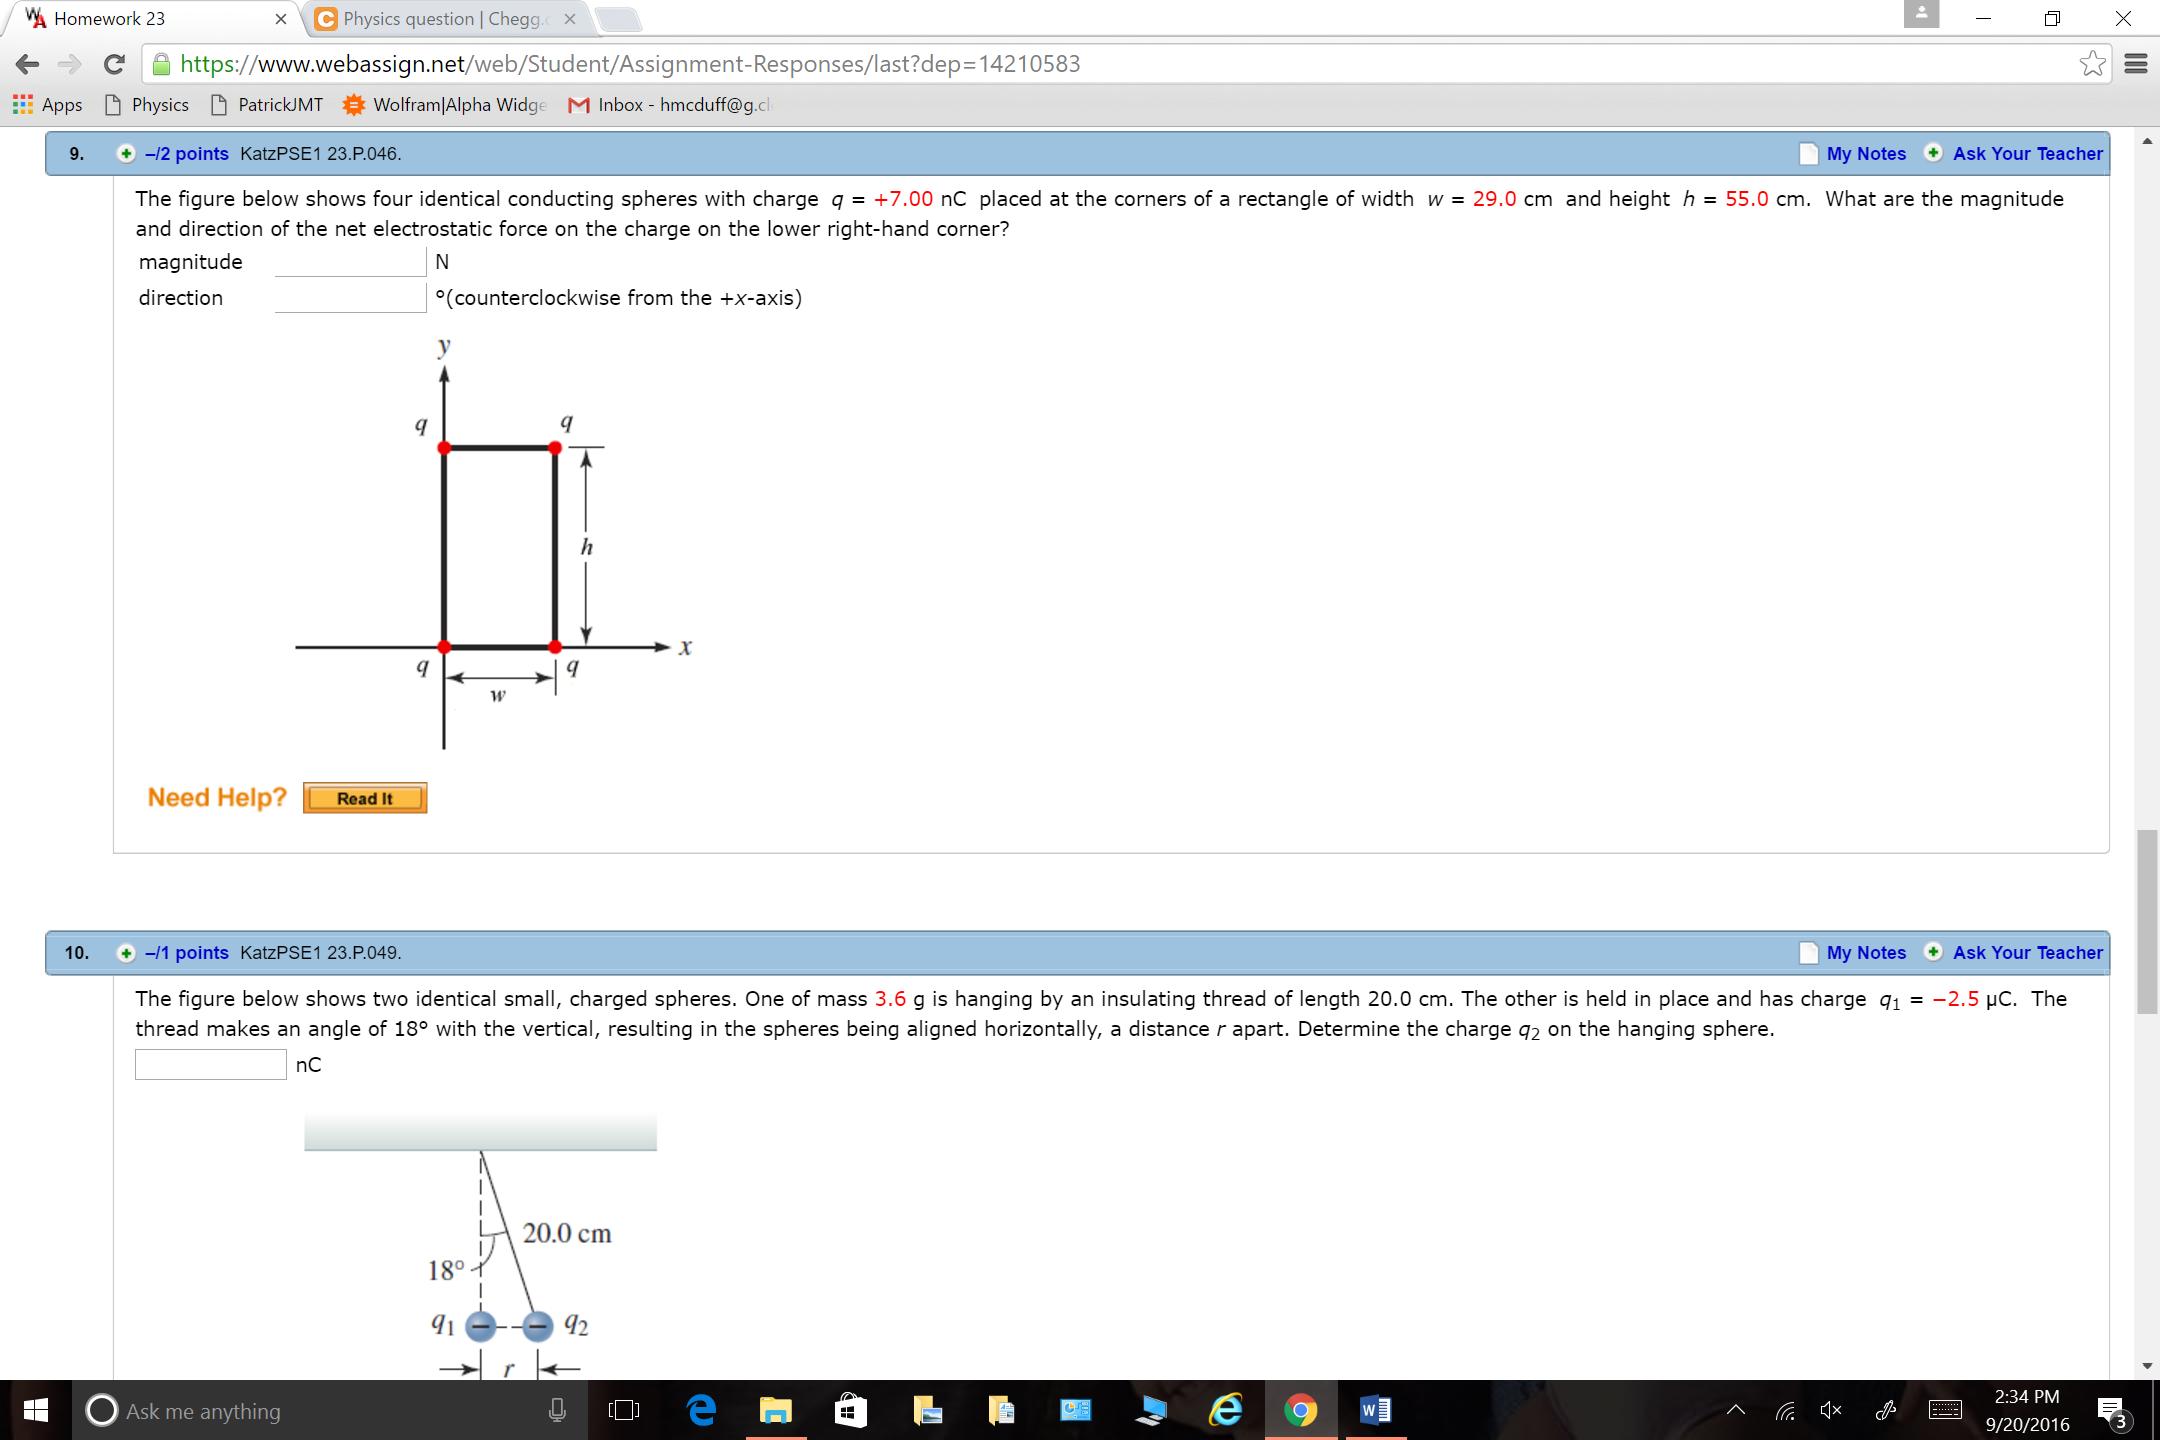 wa homework 23 c physics question x c com show transcribed image text wa homework 23 c physics question x c web student assignment responses last dep 14210583 webassign net